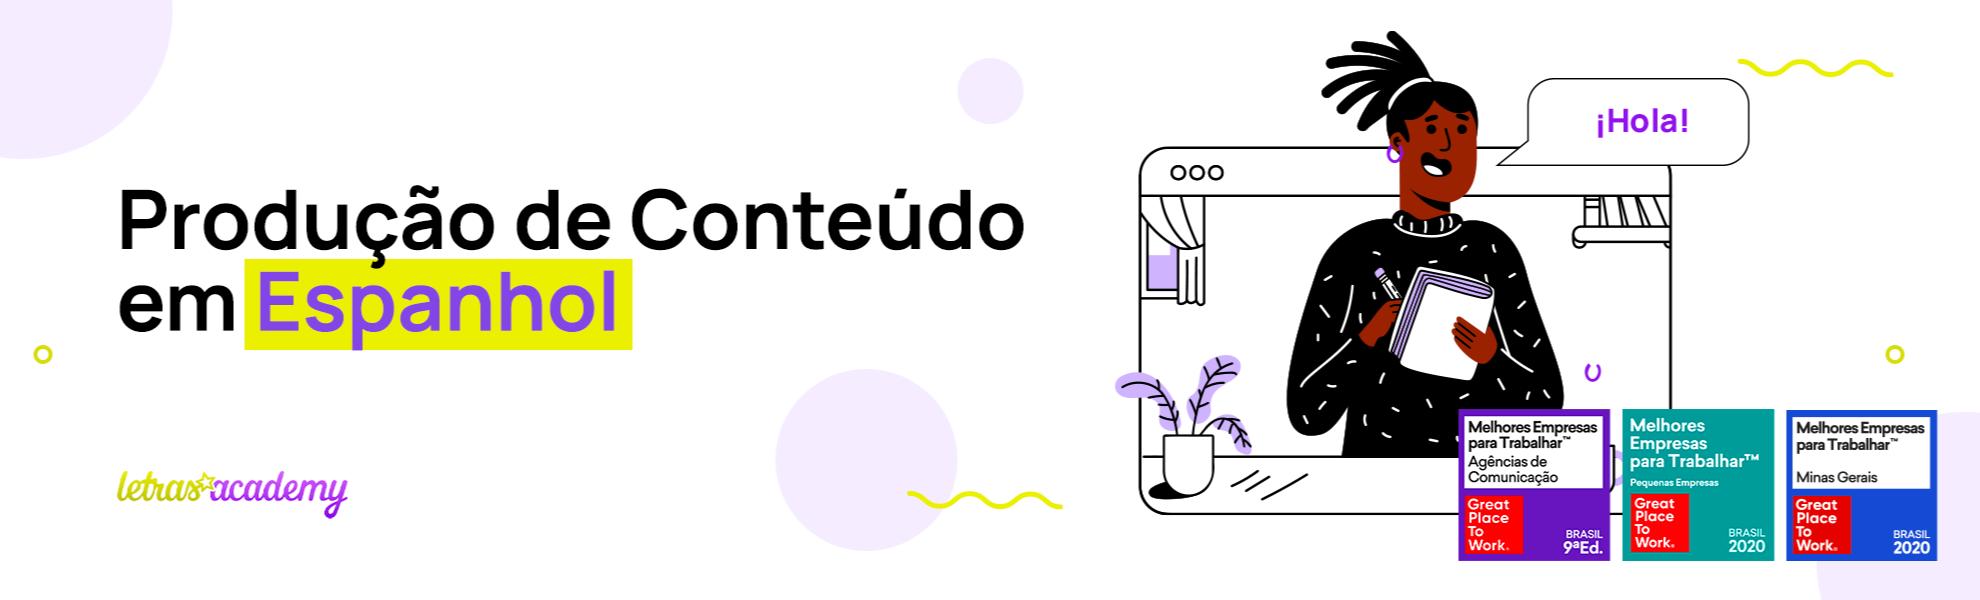 Produção de Conteúdo em Espanhol